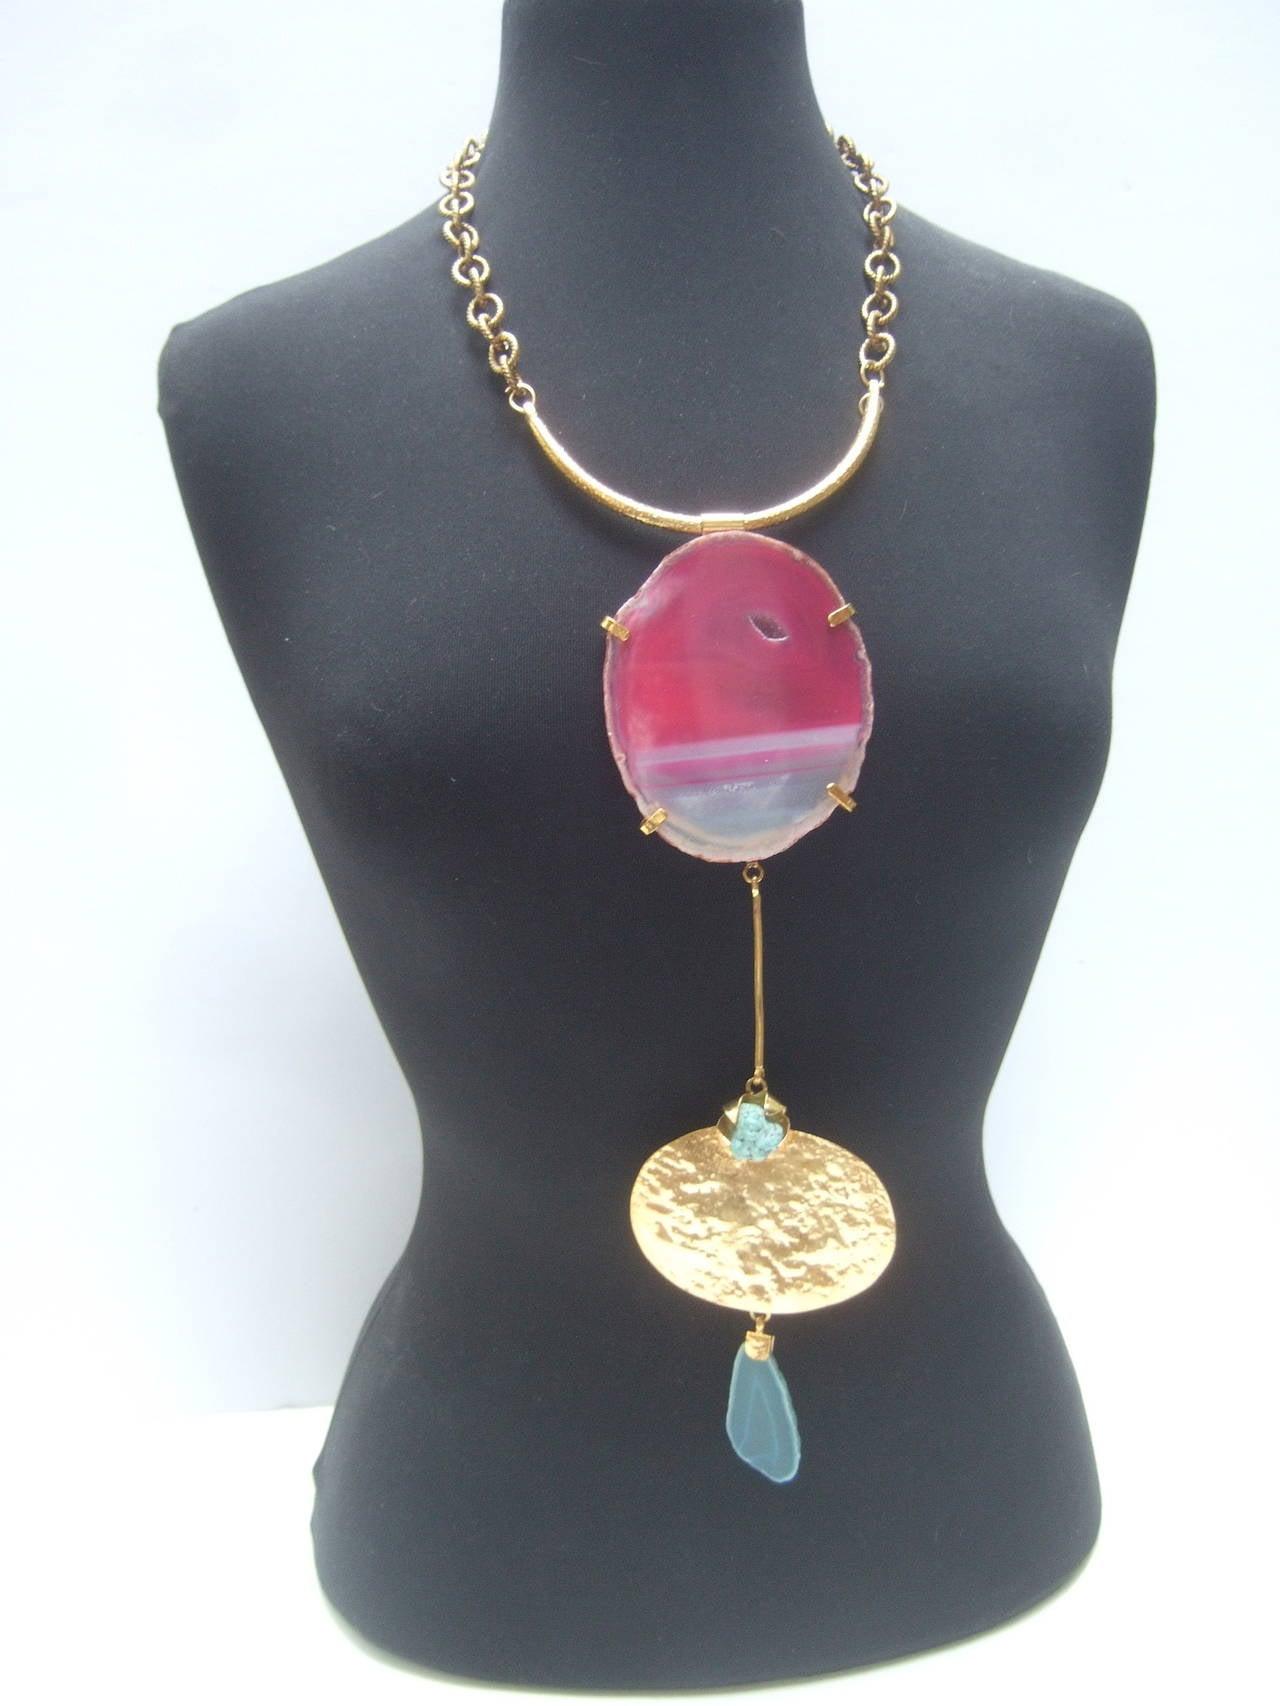 Philippe Ferrandis Paris Magnificent Agate Pendant Necklace For Sale 3